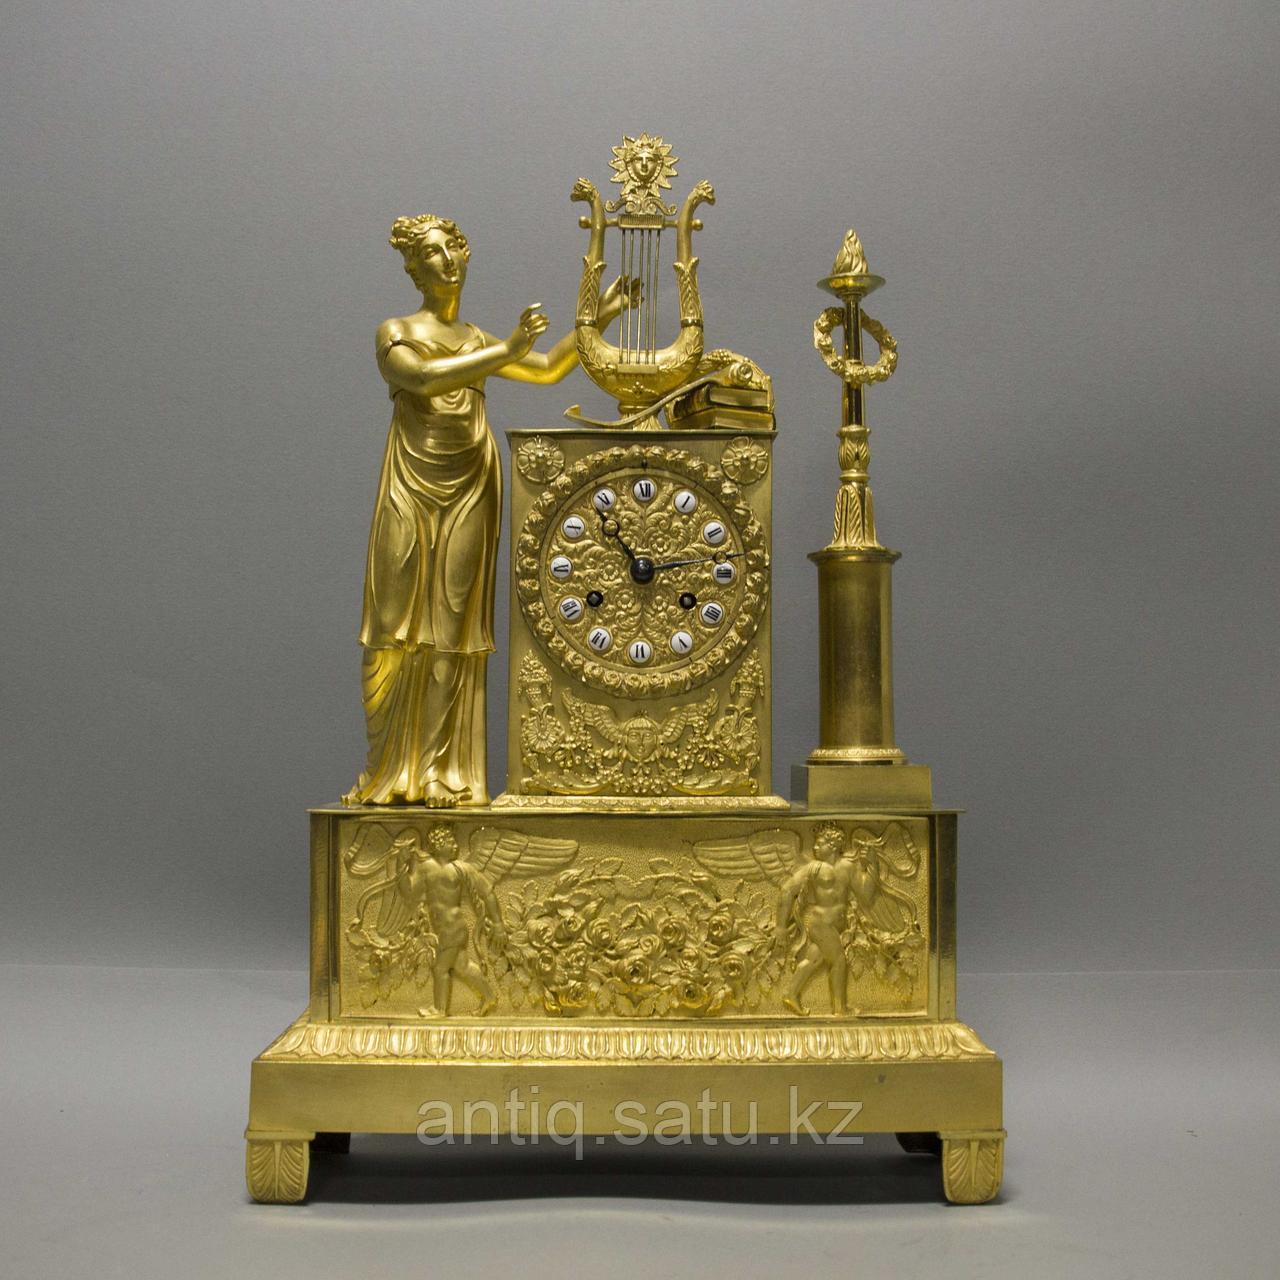 Кабинетные часы в стиле Ампир «Аллегория музыки» - фото 1